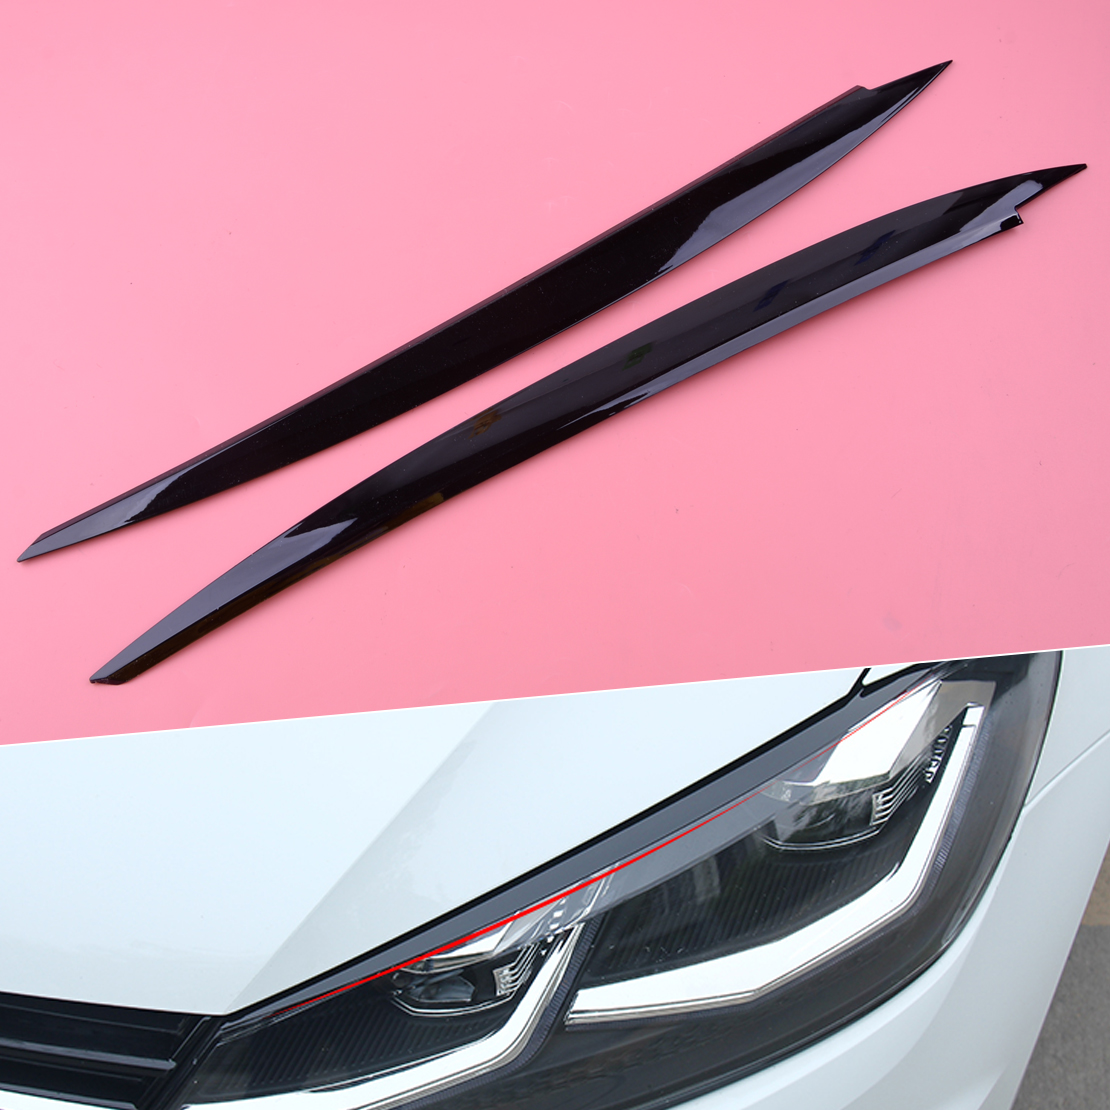 DWCX 2 шт. ABS черный головной убор, декоративная накладка на веки для бровей, подходит для VW Golf 7 VII GTI GTD GTE R MK7